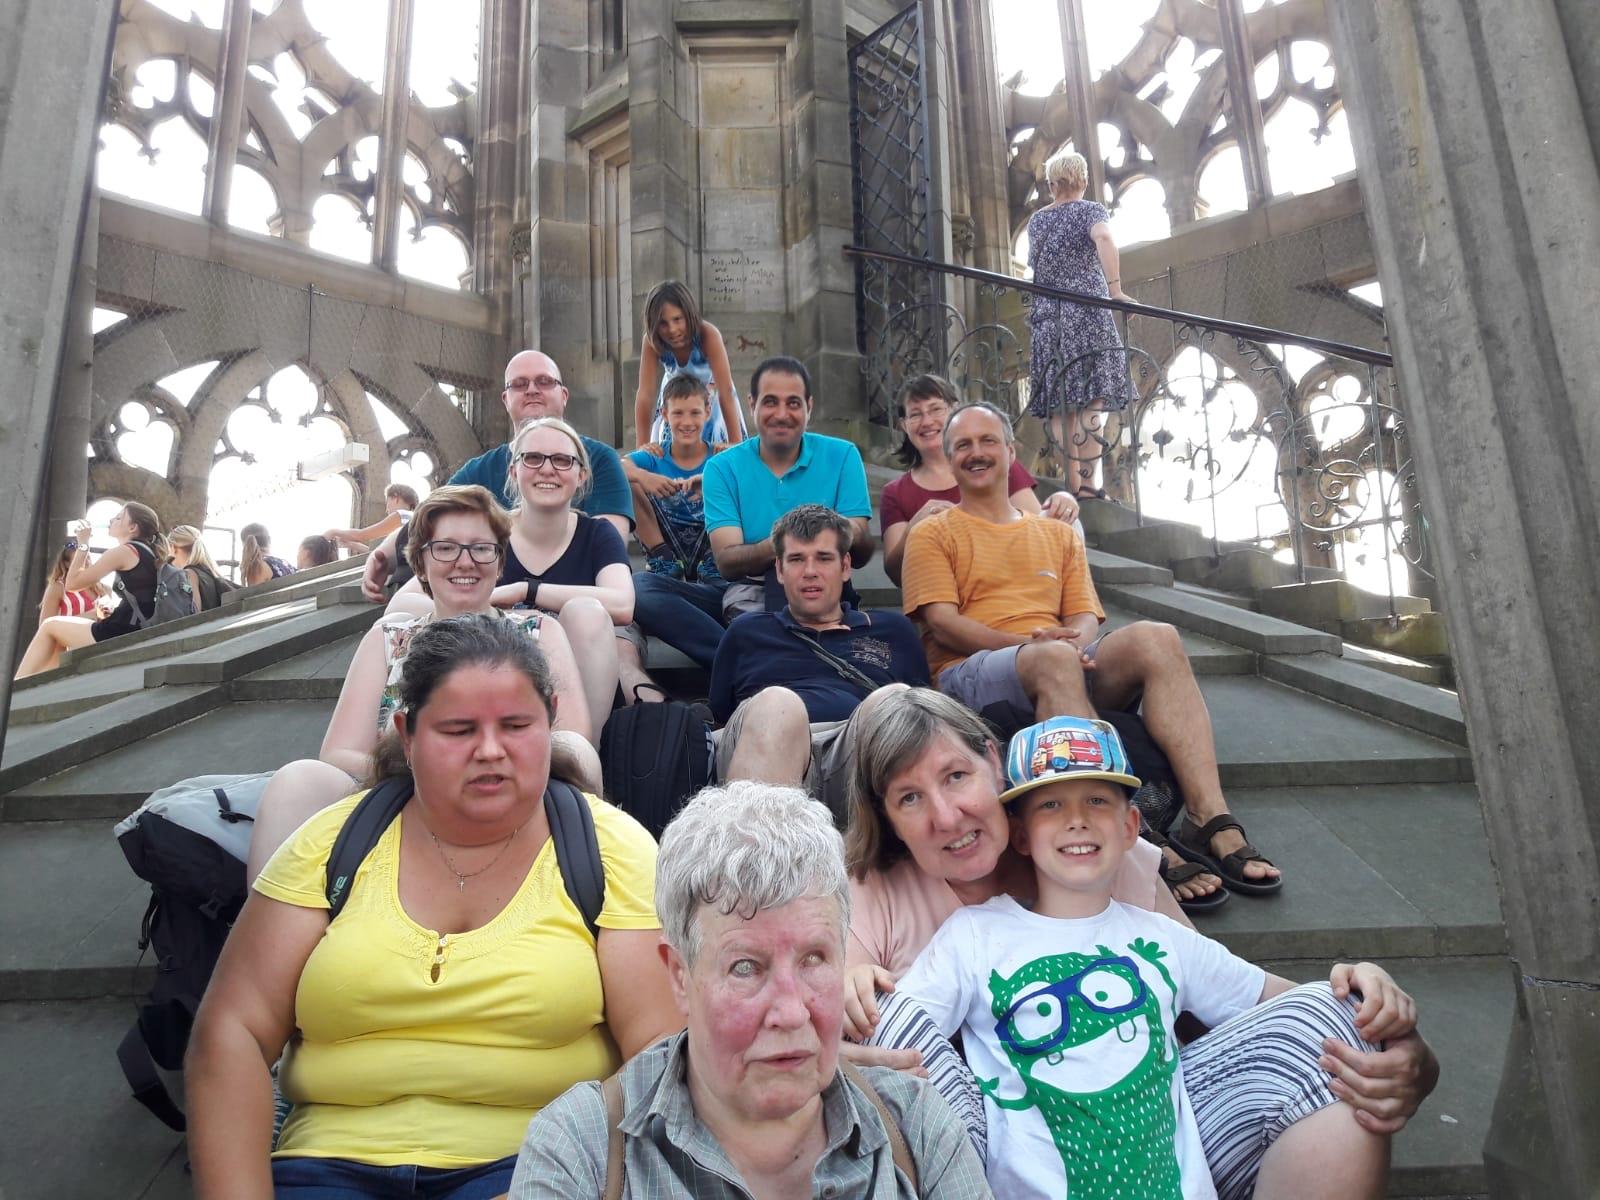 Ausflug nach Ulm im August 2018 - Gruppenbild